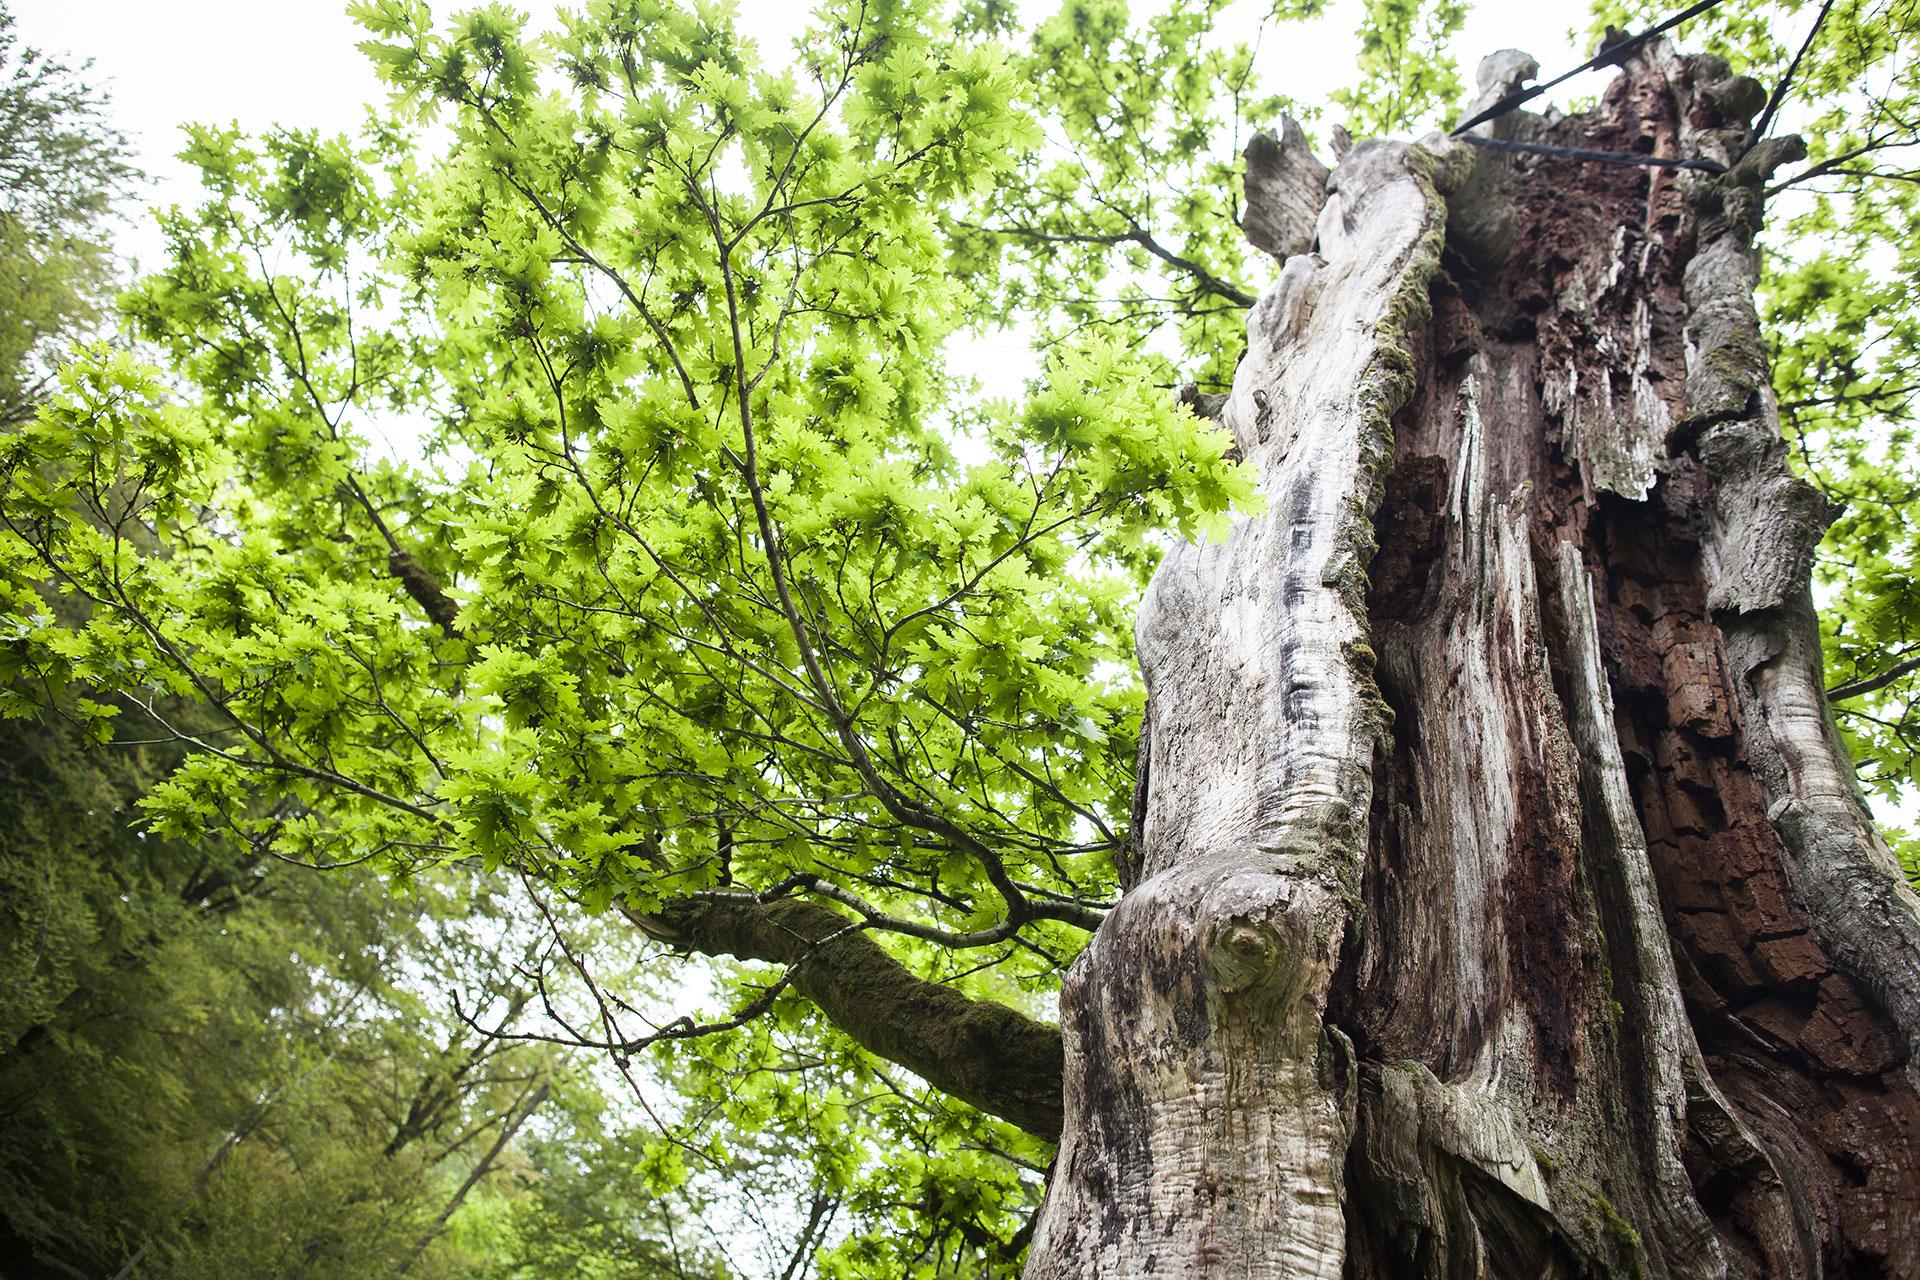 Parc Naturel - Haute-Sûre - Forêt d'Anlier - Province de Luxembourg - balade